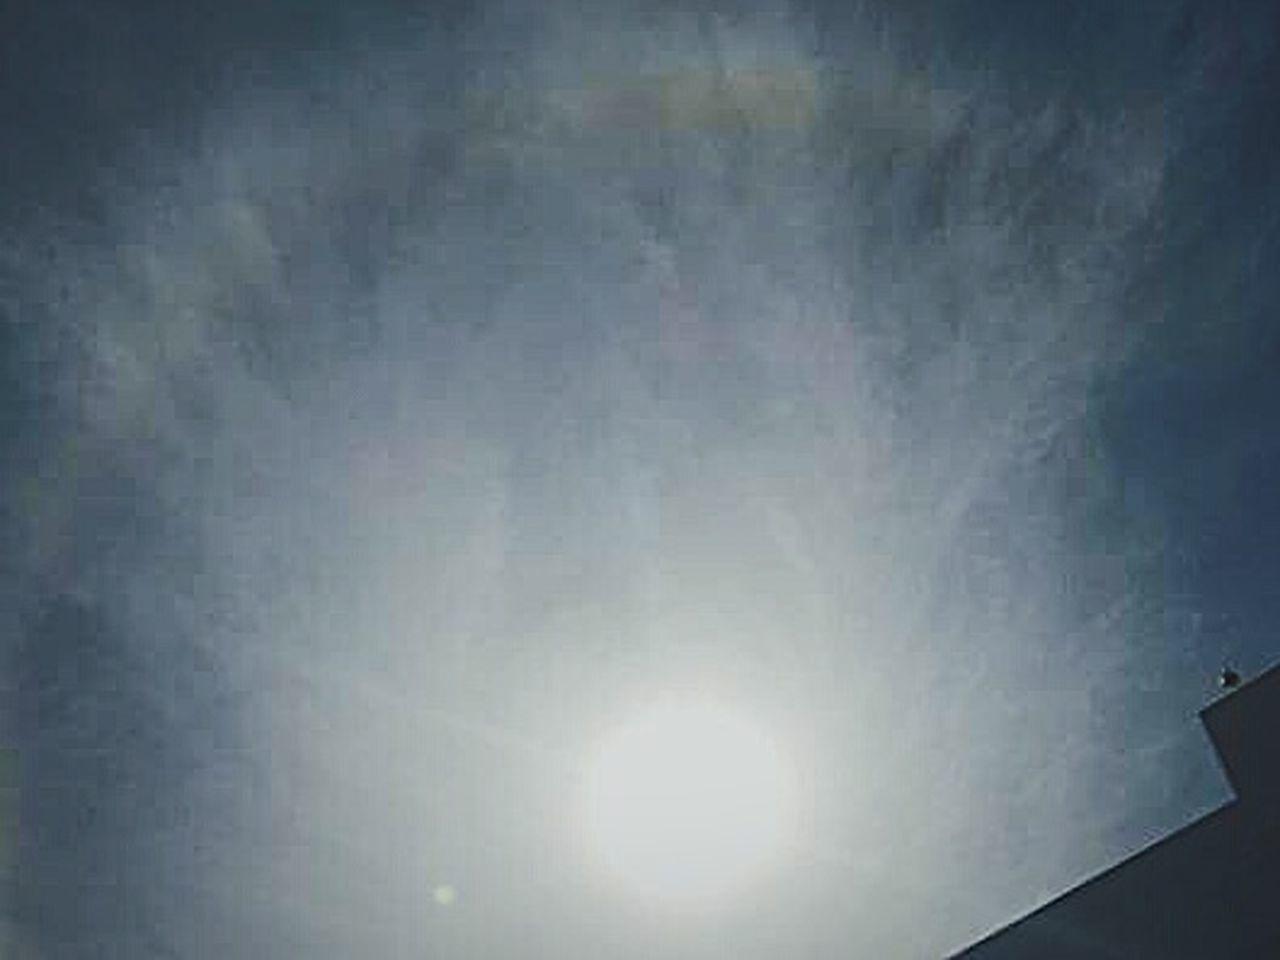 Chemtrails Whatthefuckaretheyspraying GeoEngineering Chemdog Chemical Sun Blue Wave